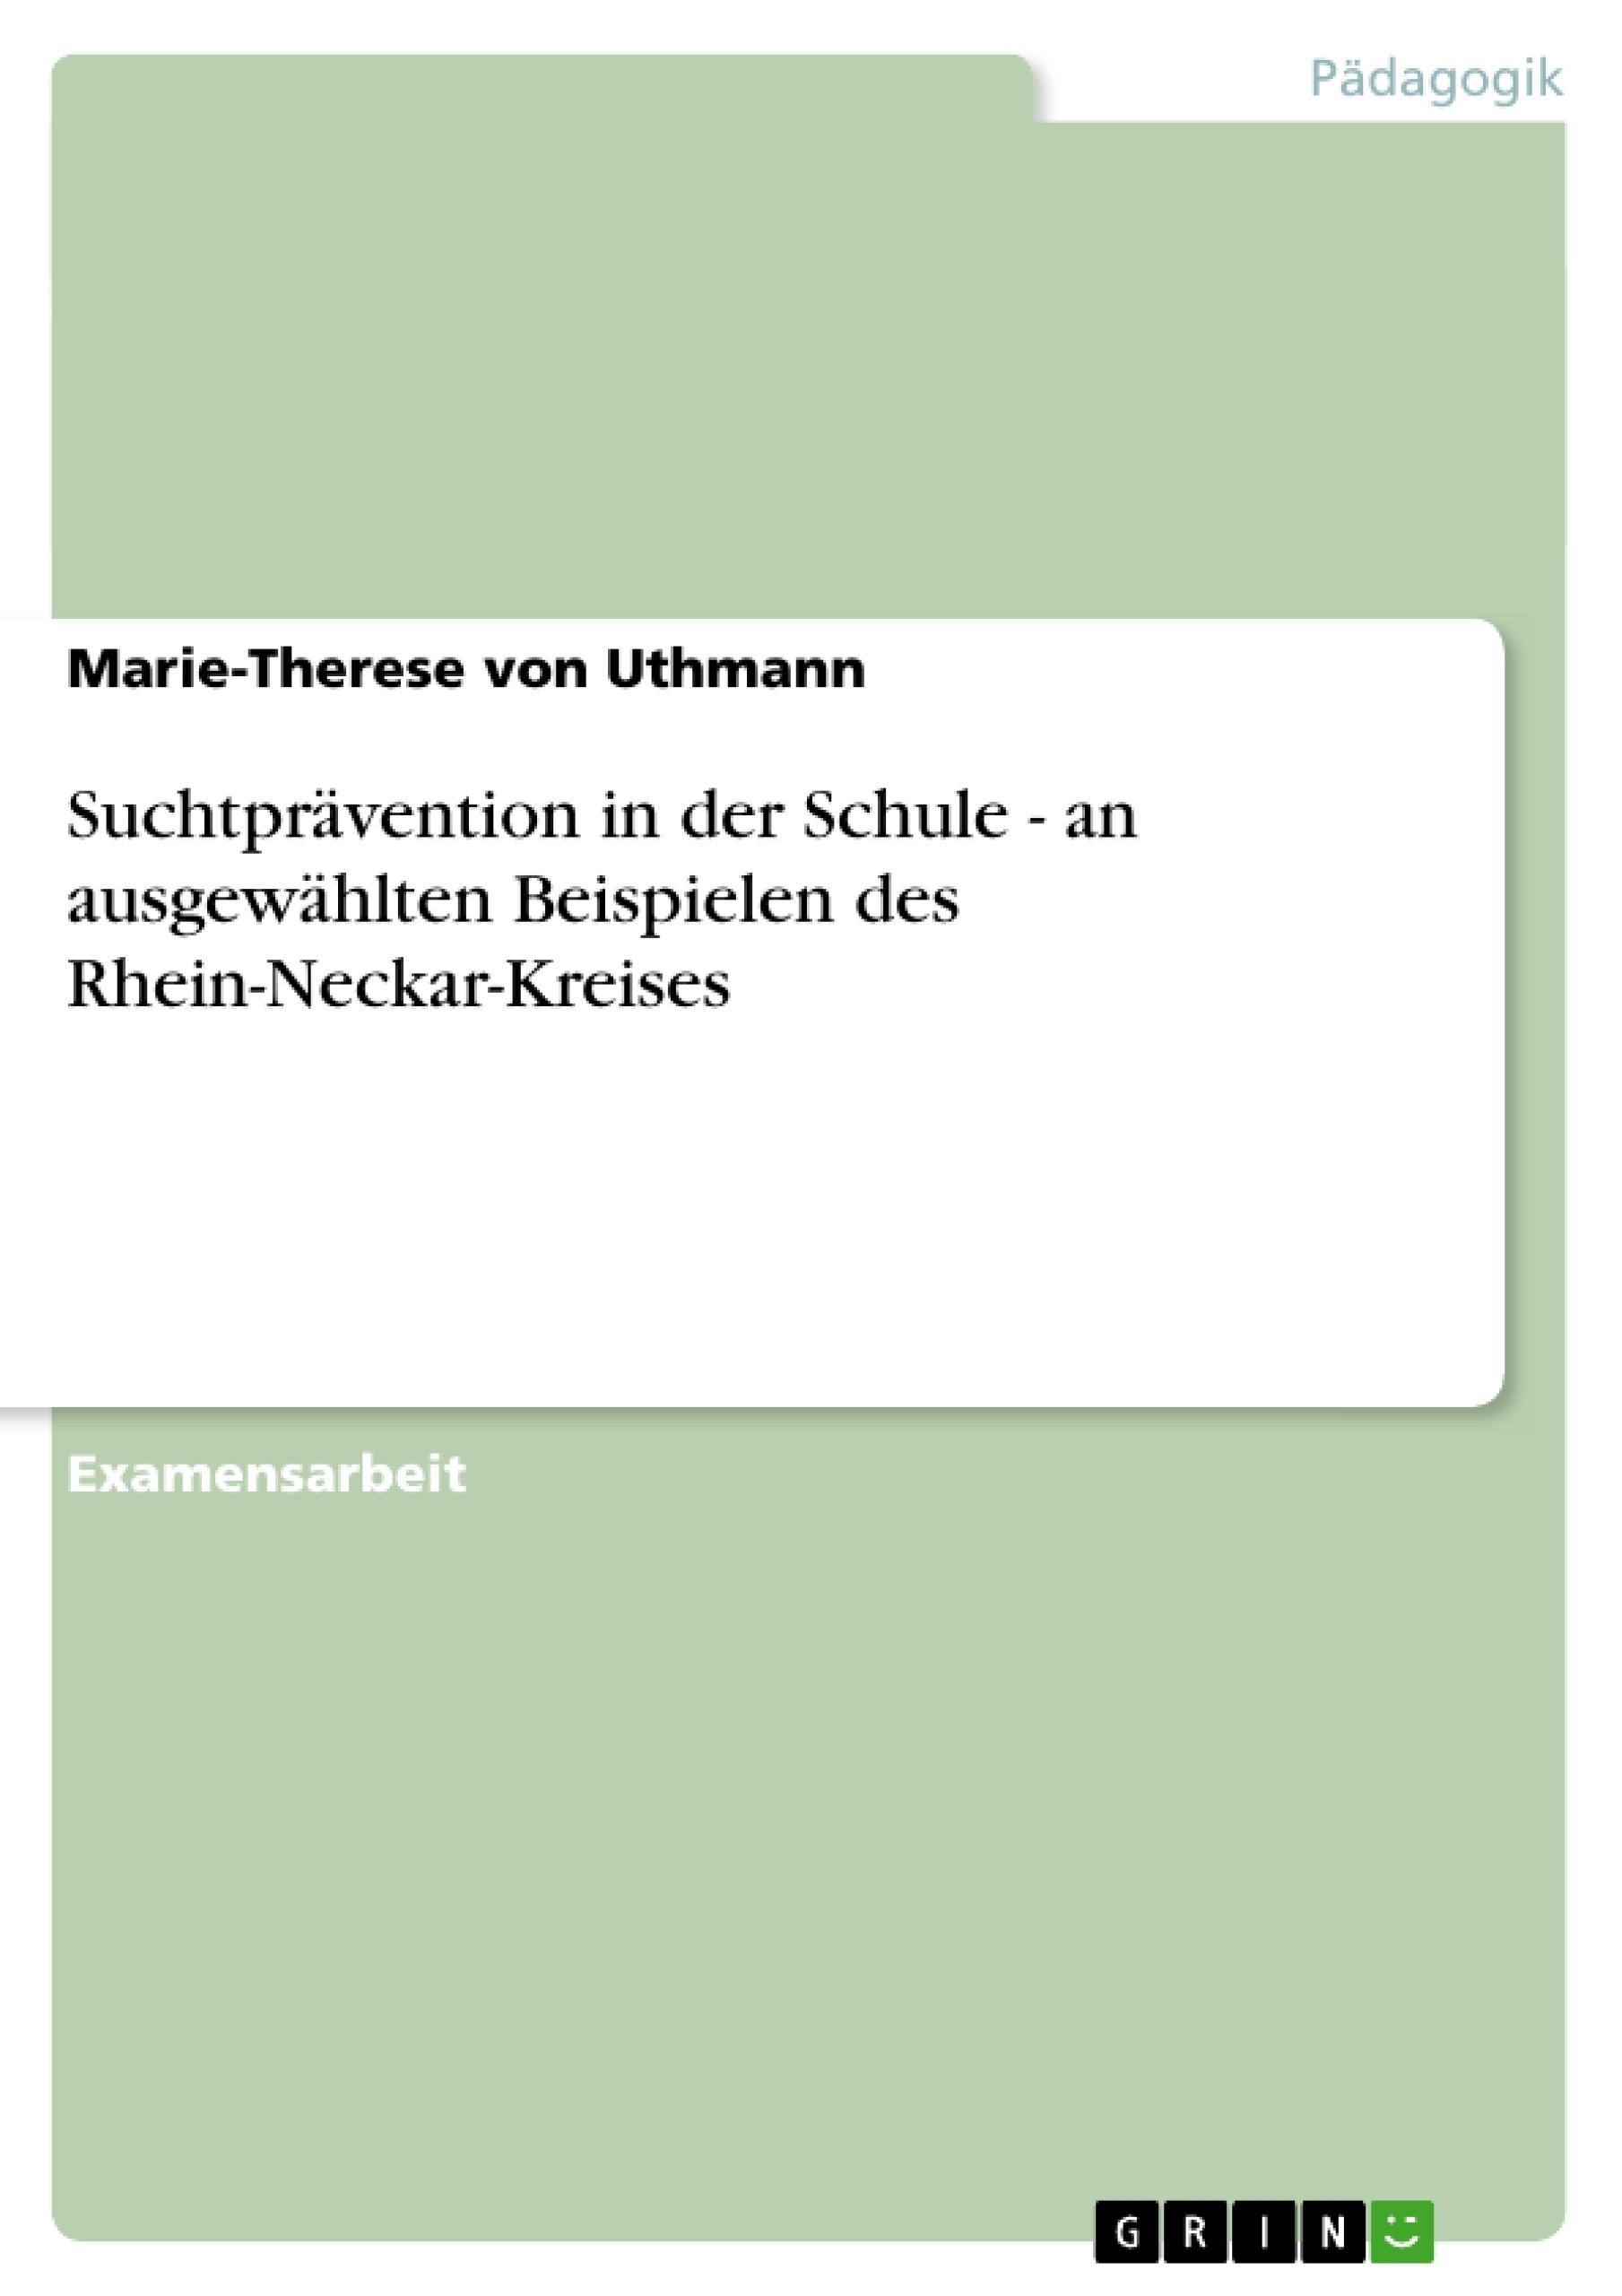 Titel: Suchtprävention in der Schule - an ausgewählten Beispielen des Rhein-Neckar-Kreises